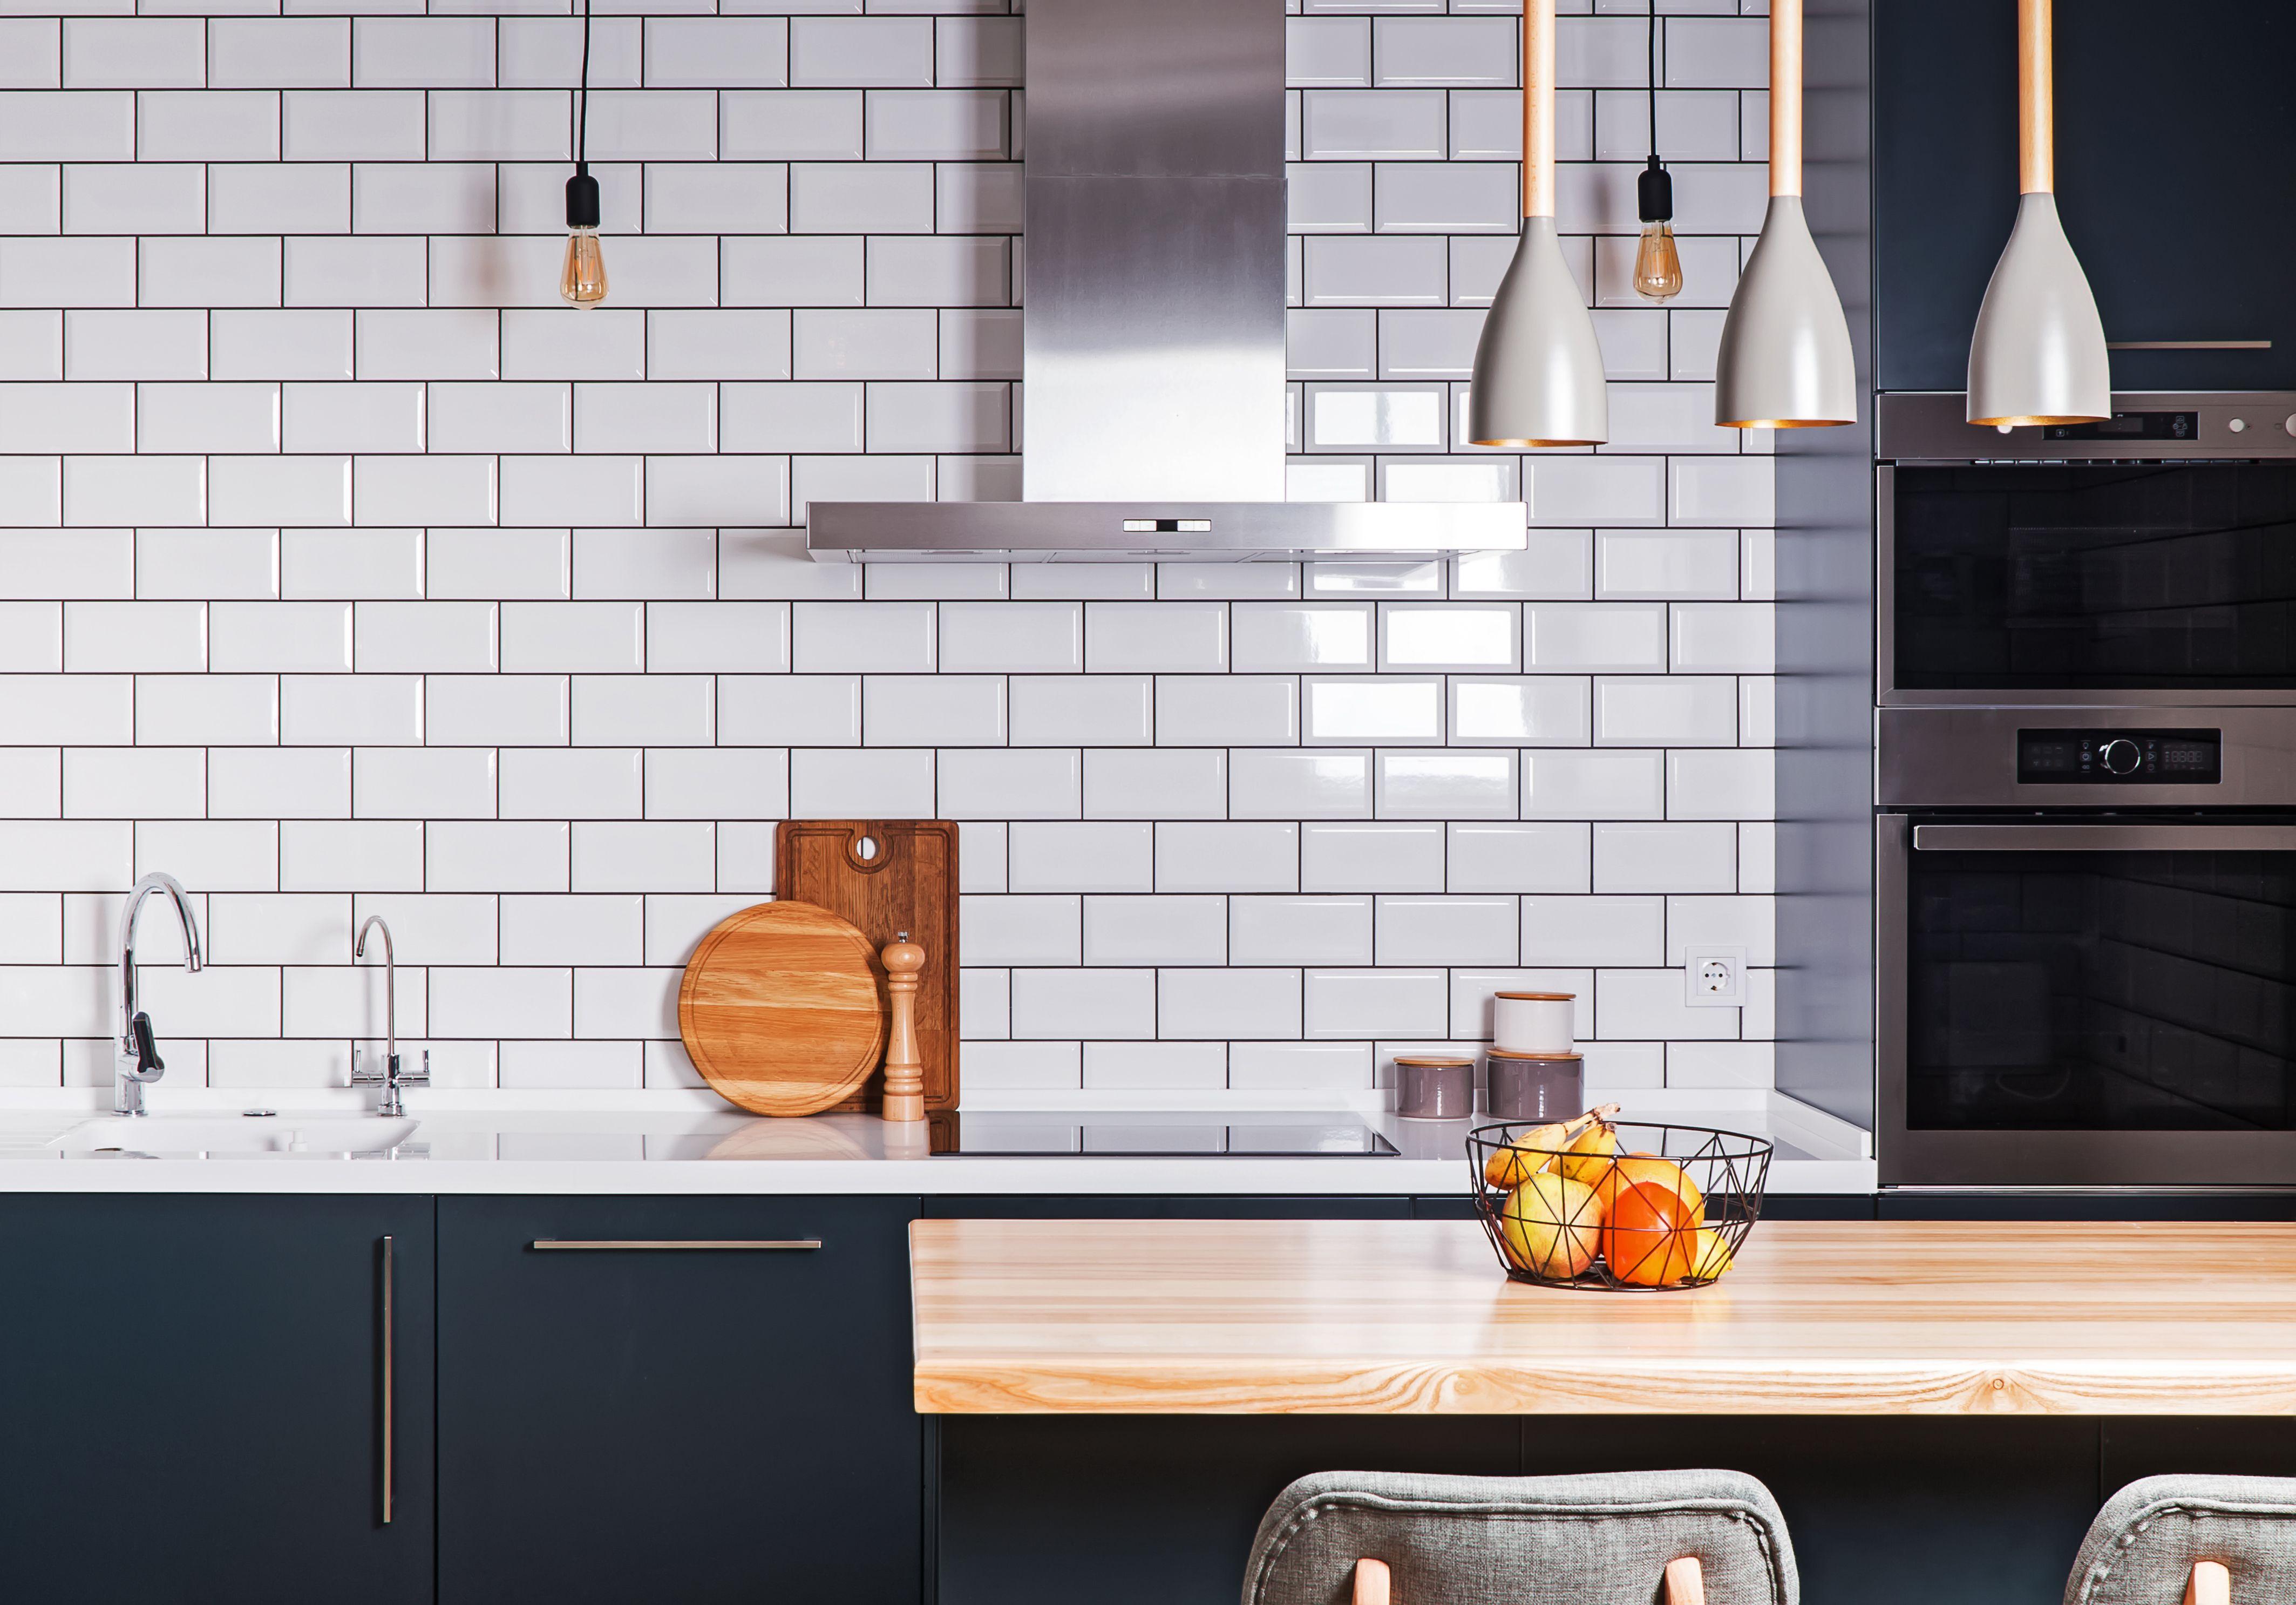 The Best Tile Showrooms In The U.S. - Top Tile Showrooms In ...